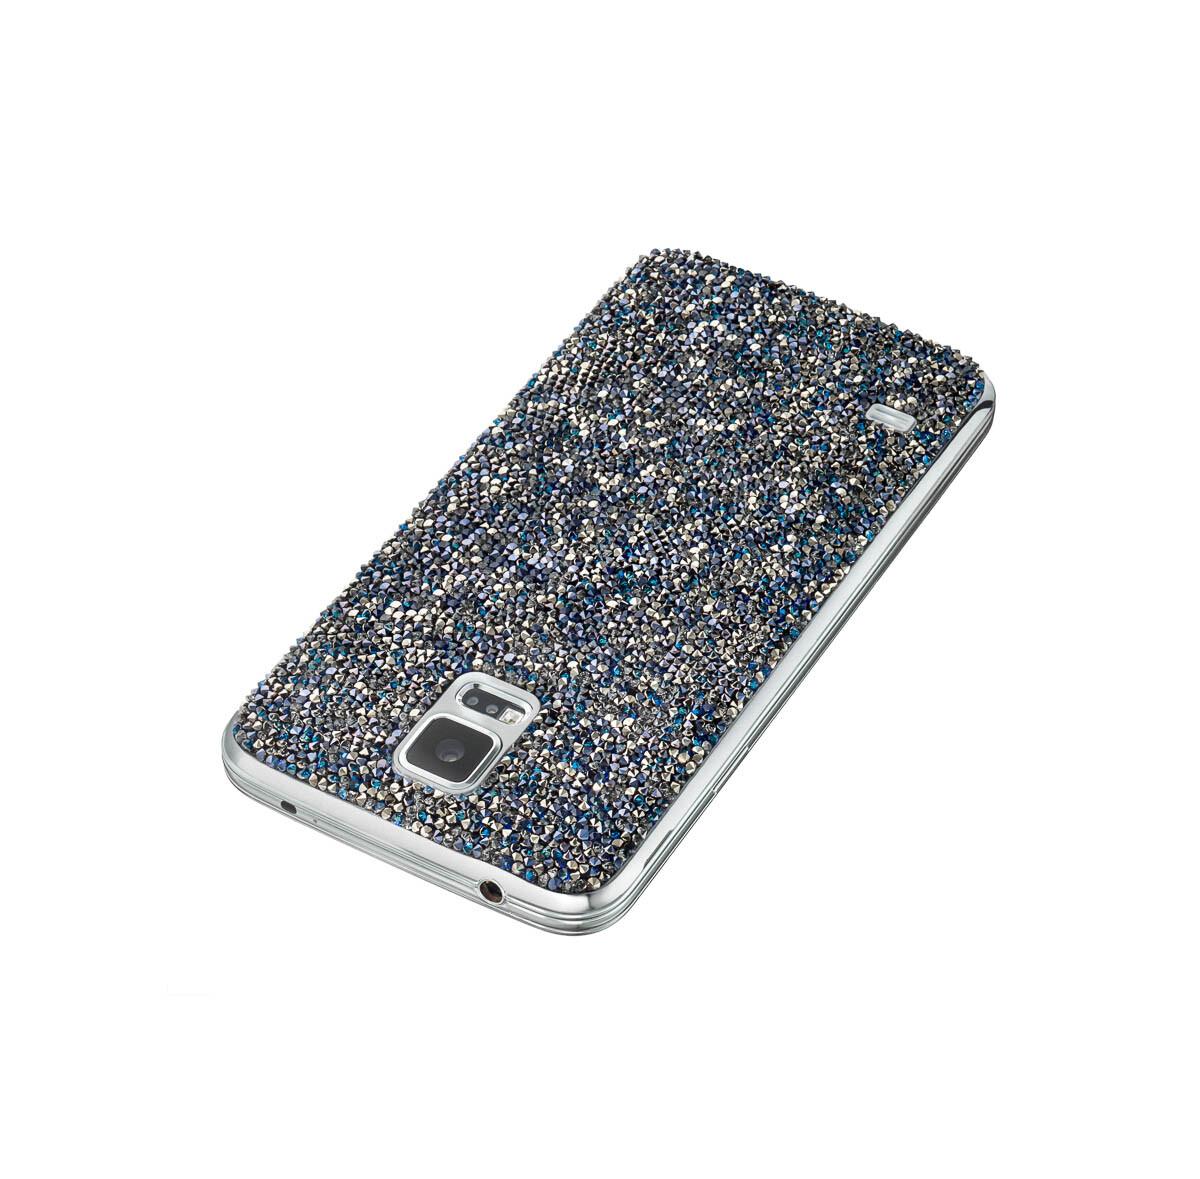 Sforum - Trang thông tin công nghệ mới nhất Swarovski-for-Samsung-Collection-announced-07 Bộ phụ kiện pha lê Swarovski đã được bán ra dành riêng cho Galaxy S5 và Gear Fit